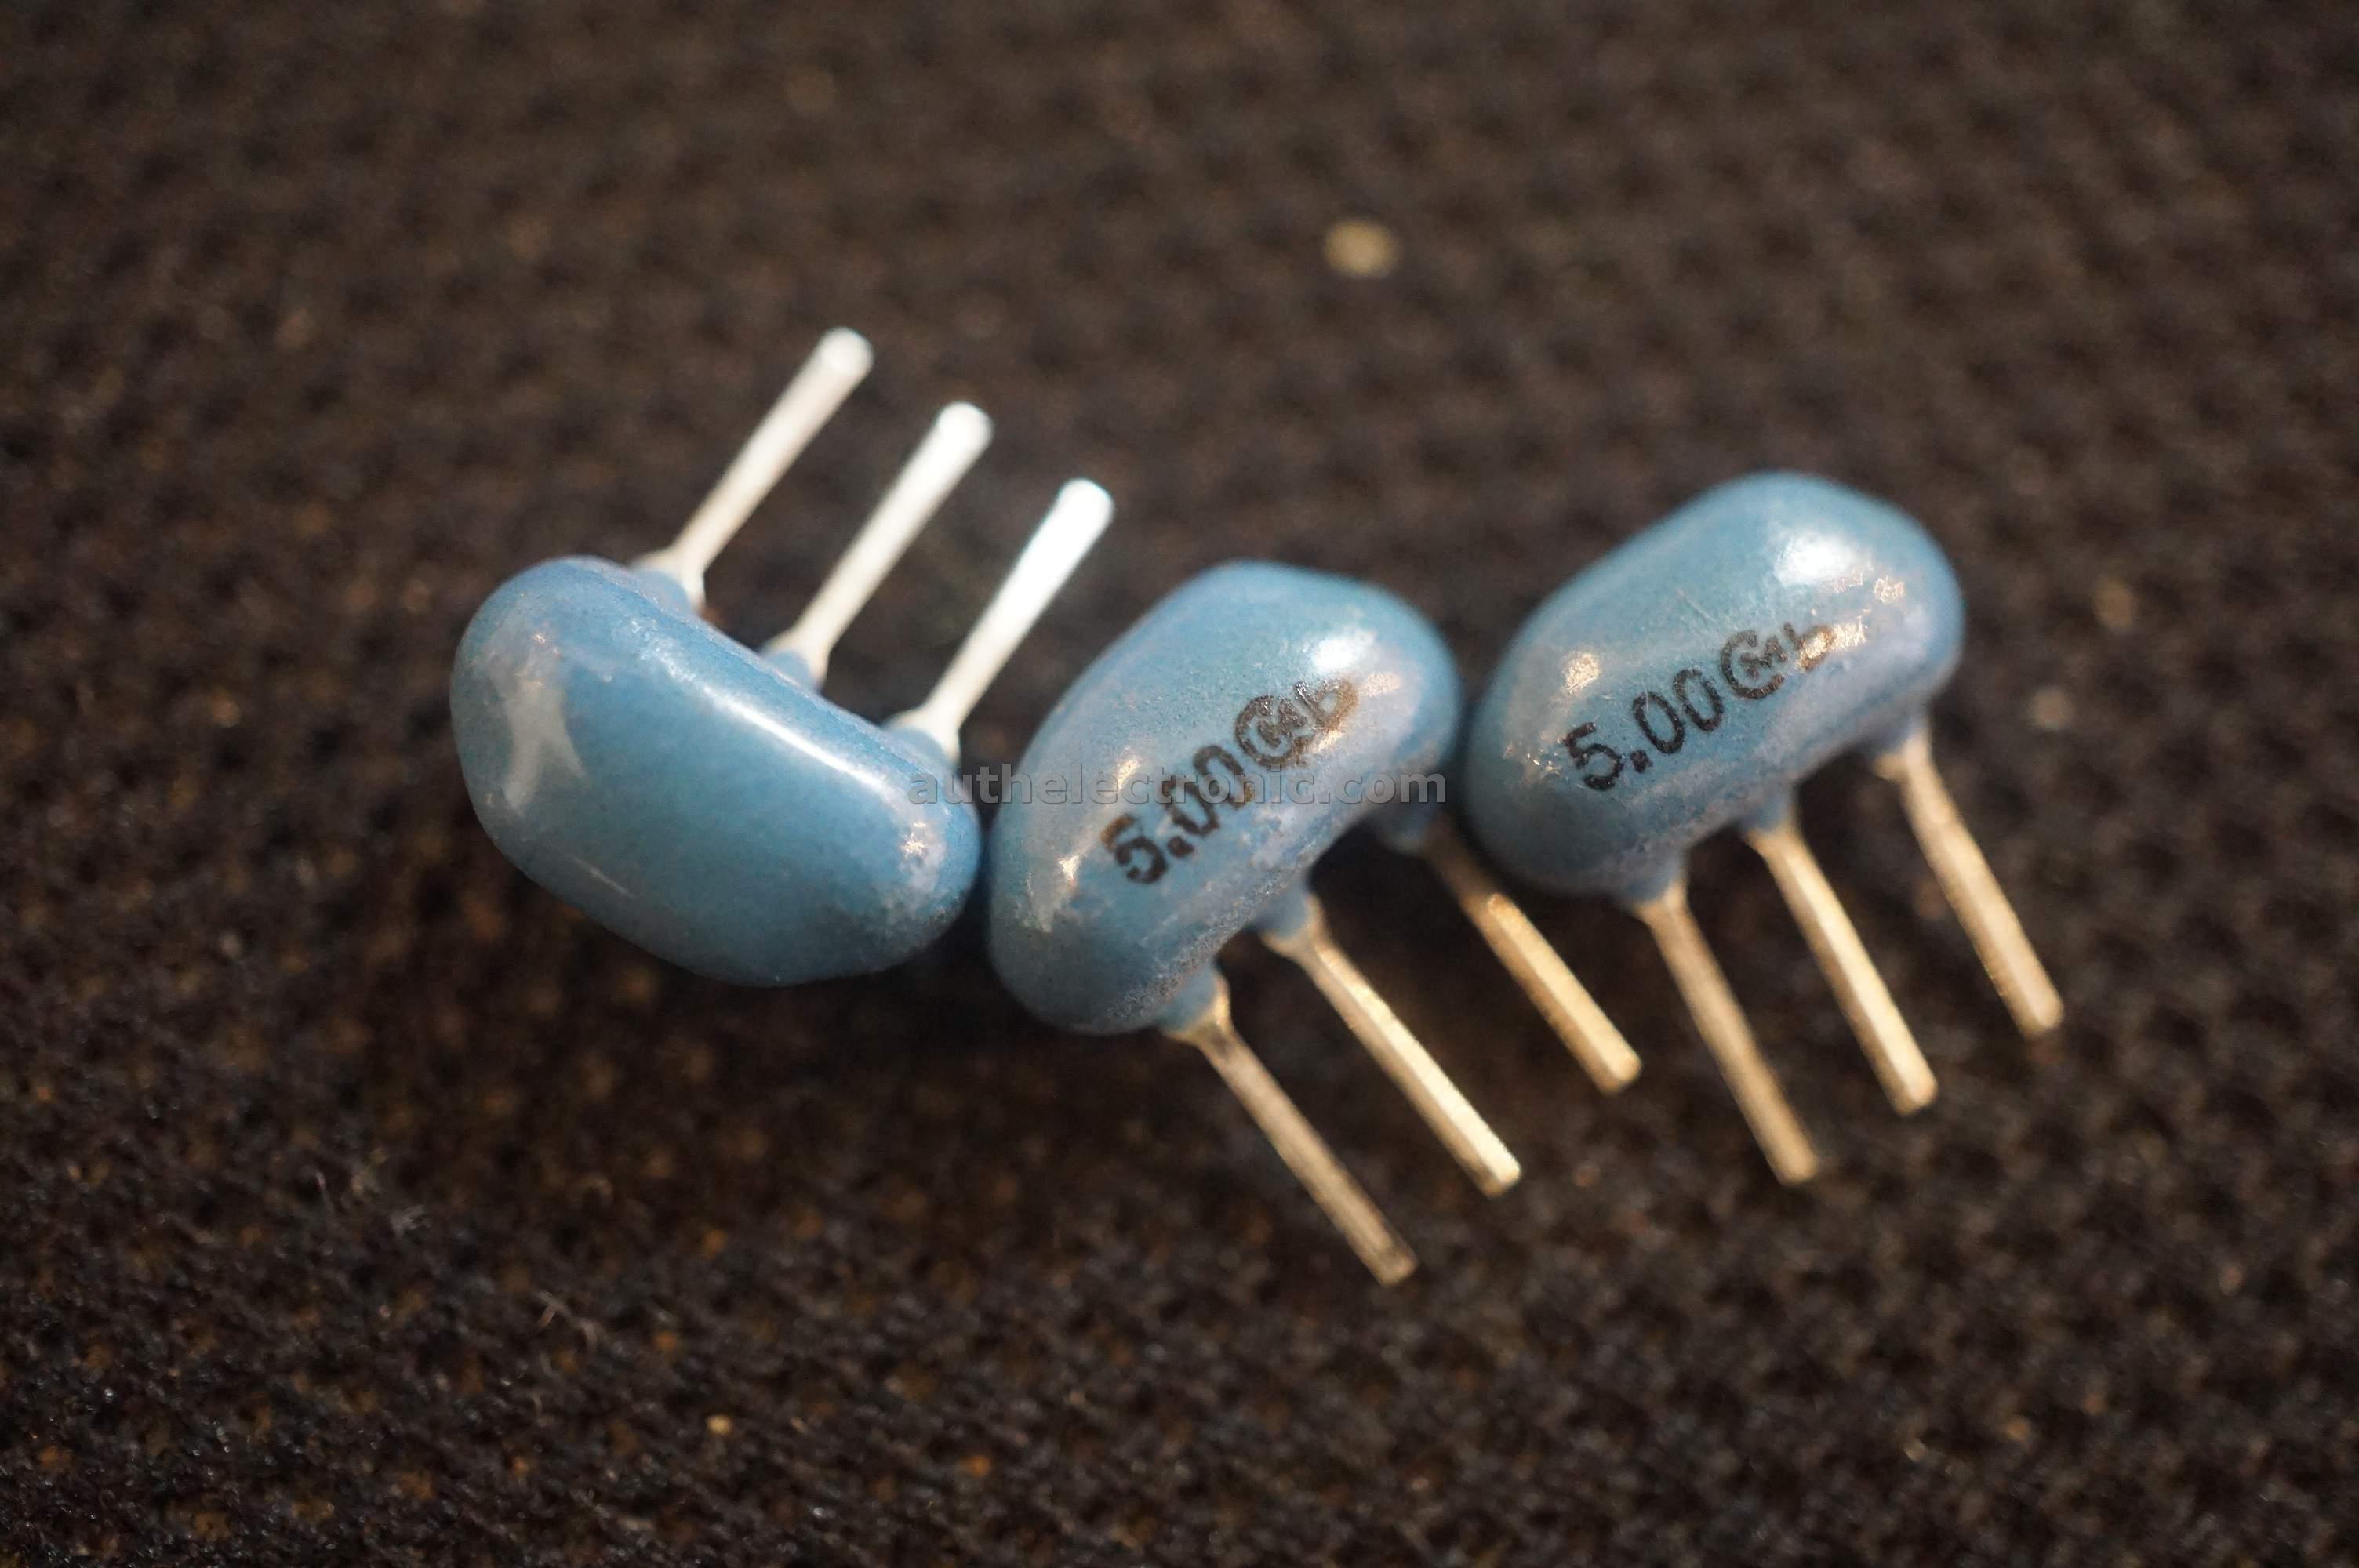 original-crystal-ceramic-resonator-cstls5m-5mhz-3-pins-new-murata